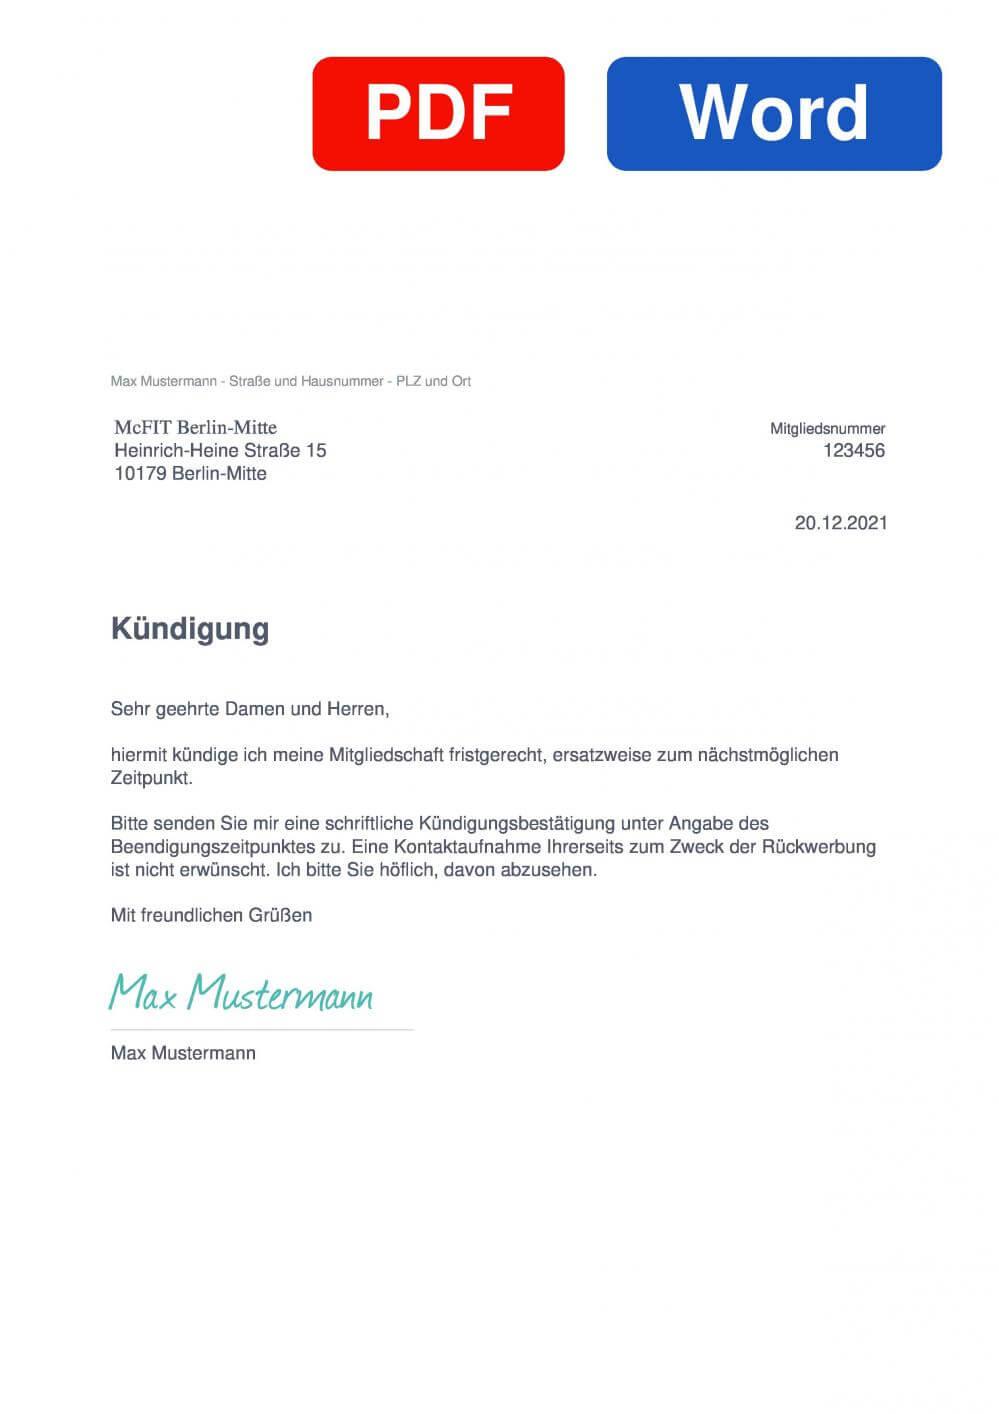 McFIT Berlin-Mitte Muster Vorlage für Kündigungsschreiben